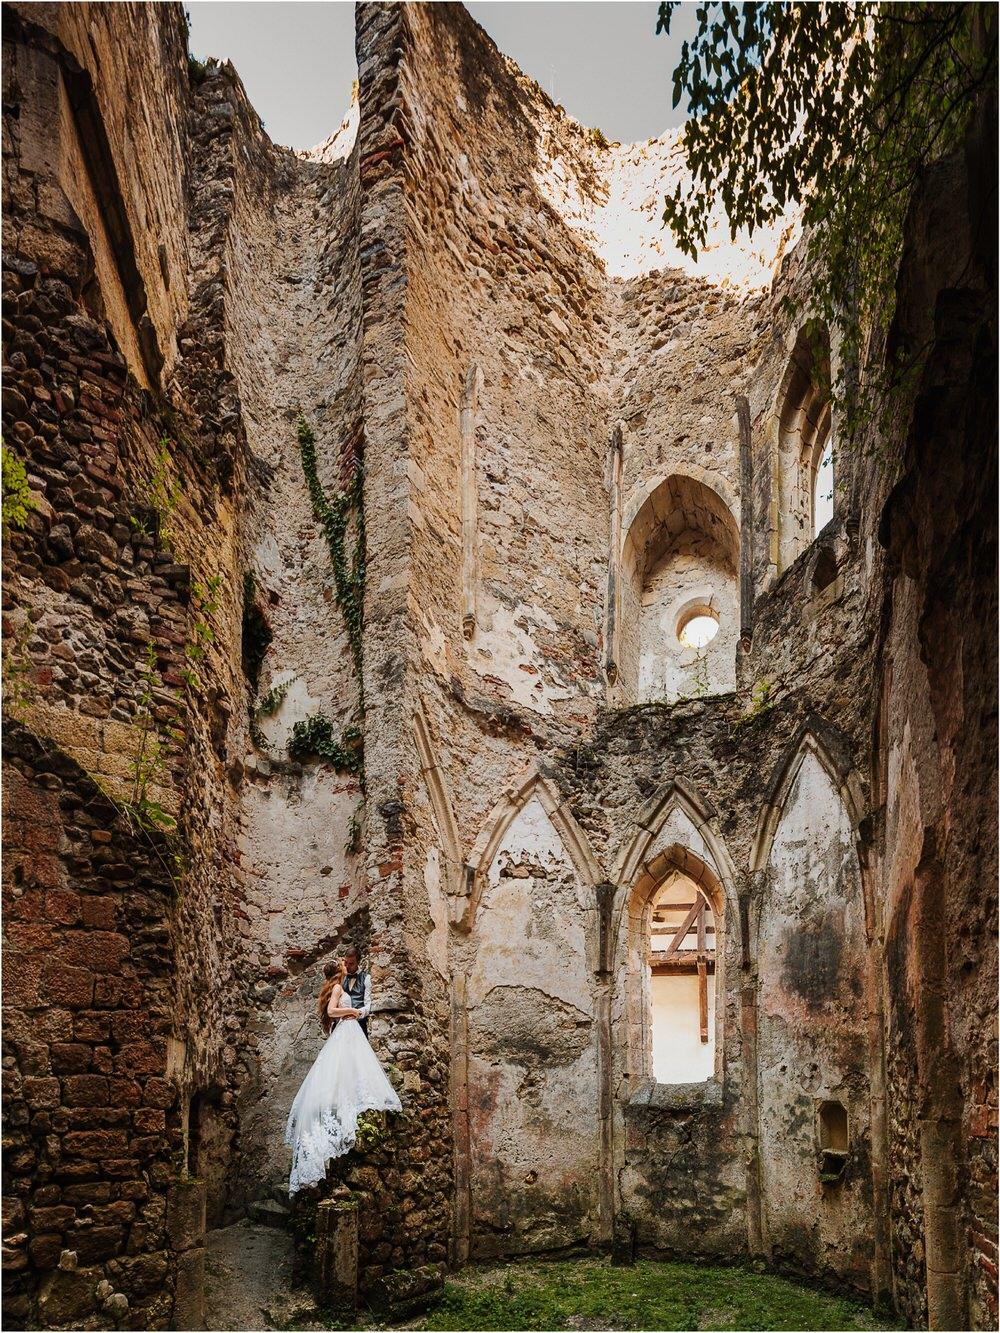 zicka kartuzija poroka porocni fotograf fotografija luka in ben loce elegantna poroka slovenski porocni fotograf  0099.jpg